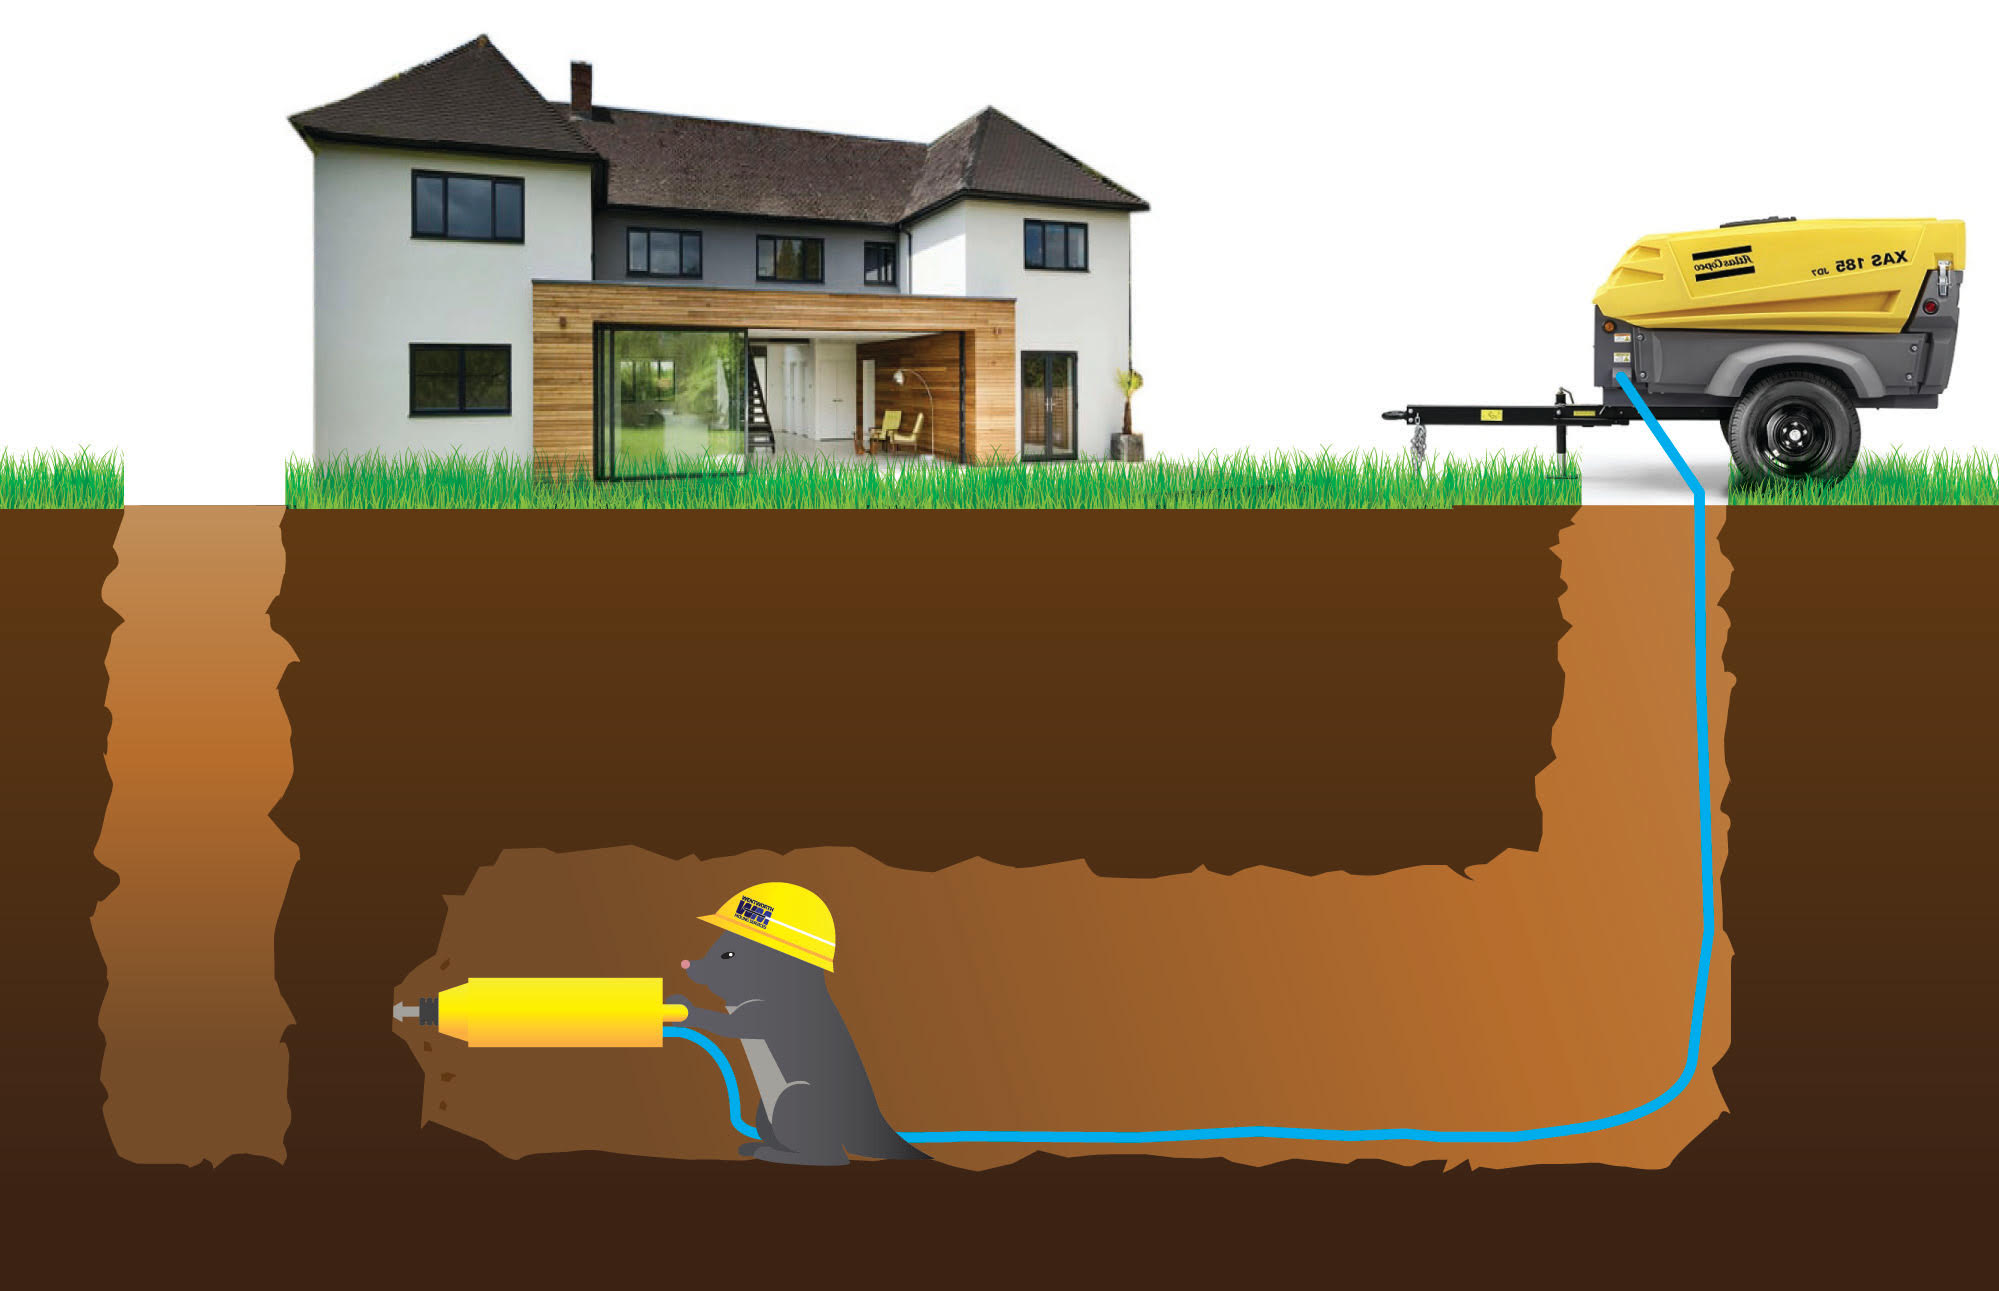 Horsham Water Supply Contractors